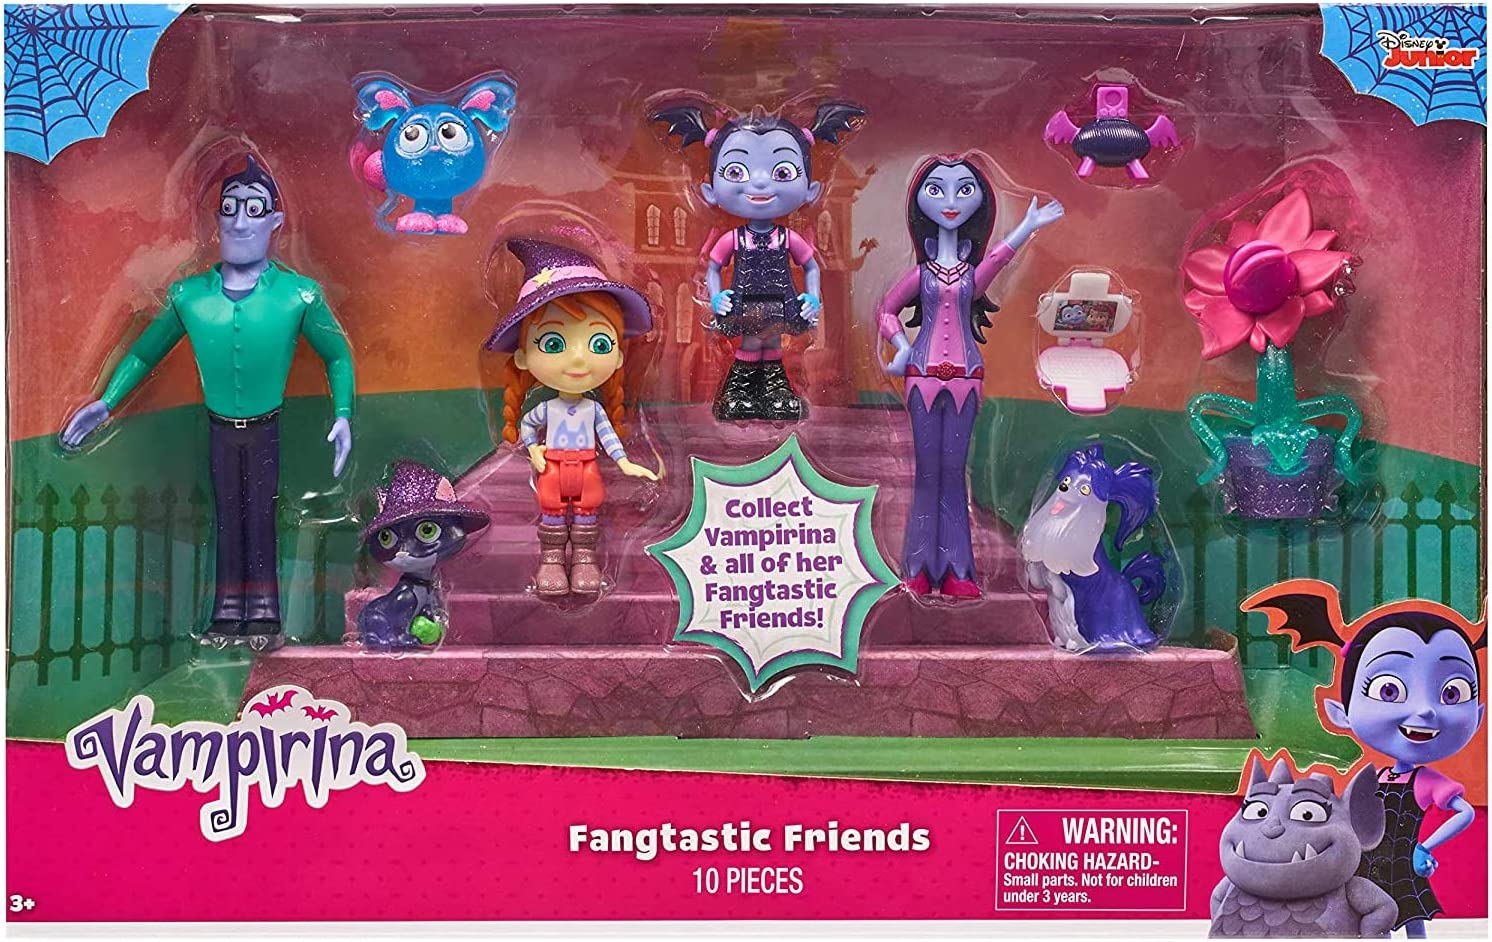 Vampirina - Pack Deluxe figuras Serie 2 (Bandai 78027): Amazon.es: Juguetes y juegos